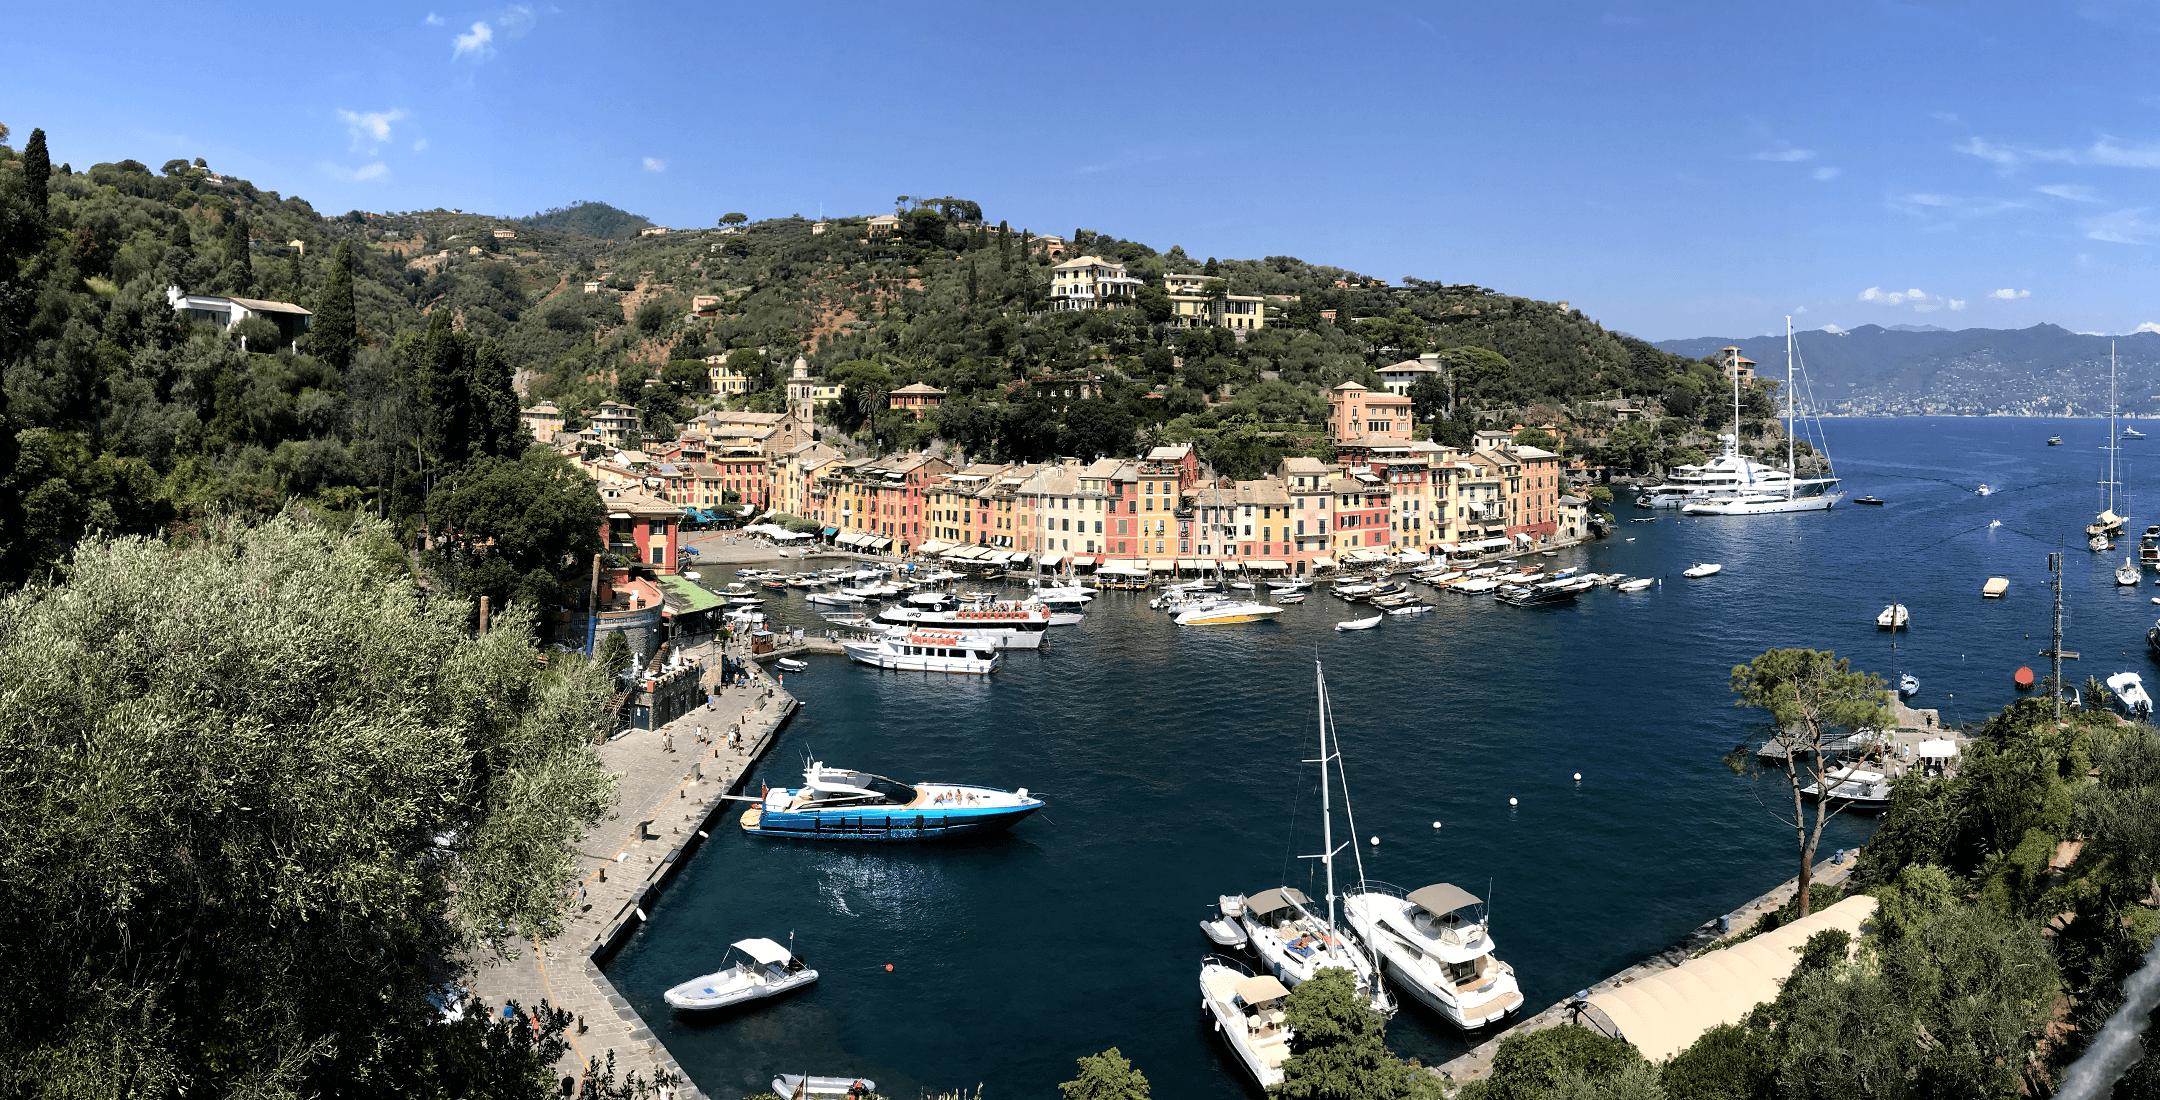 Rada di Portofino